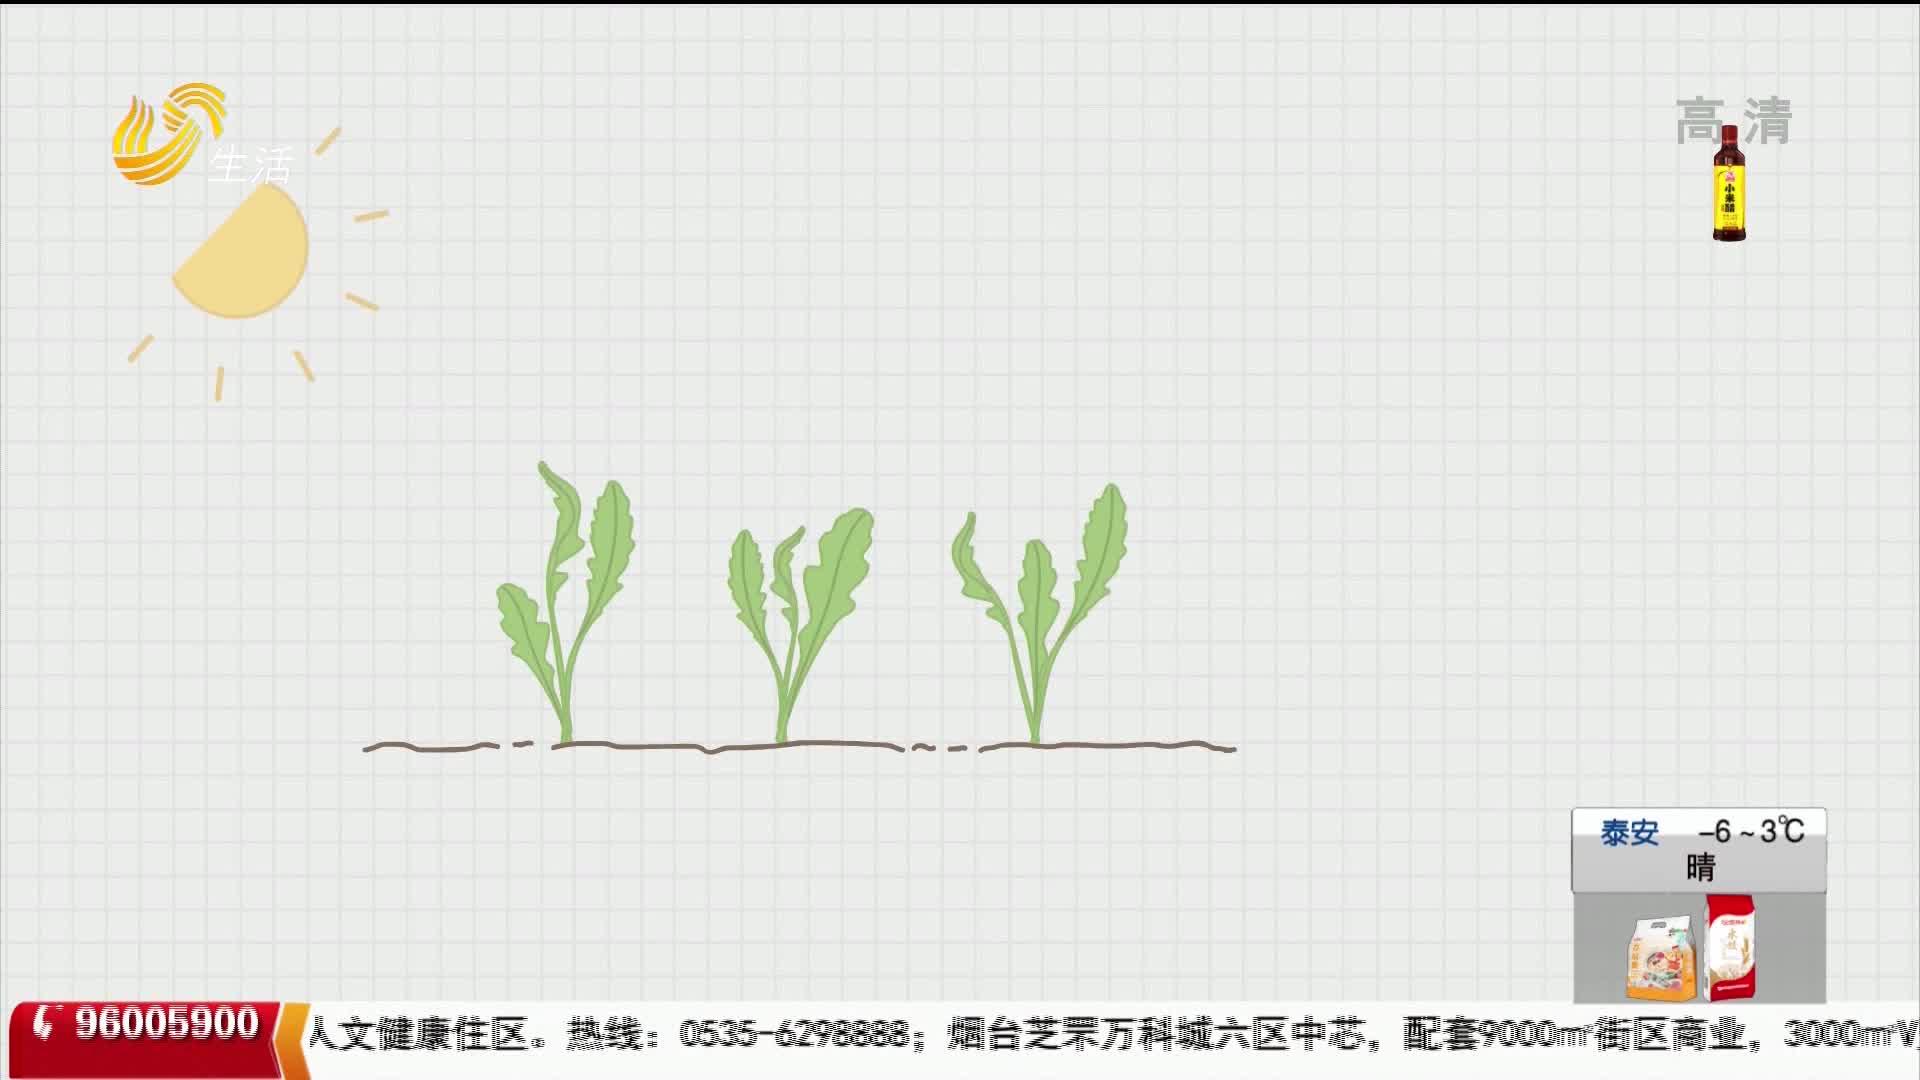 【食品有意思】野菜就是绿色食品吗?